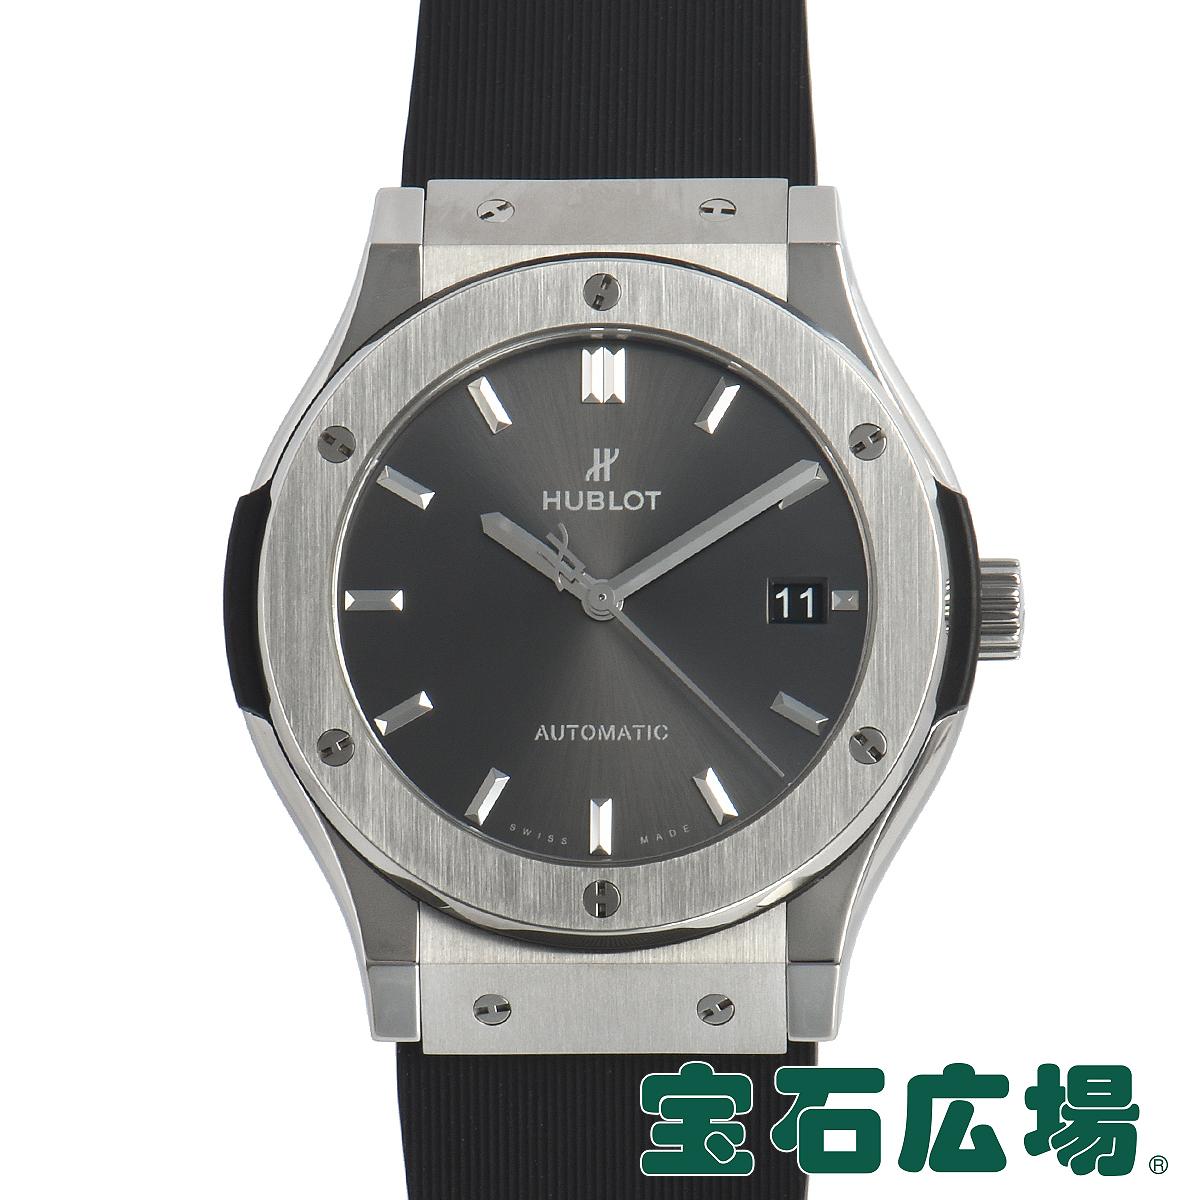 ウブロ HUBLOT クラシックフュージョン レーシング グレー チタニウム 511.NX.7071.LR【中古】メンズ 腕時計 送料・代引手数料無料